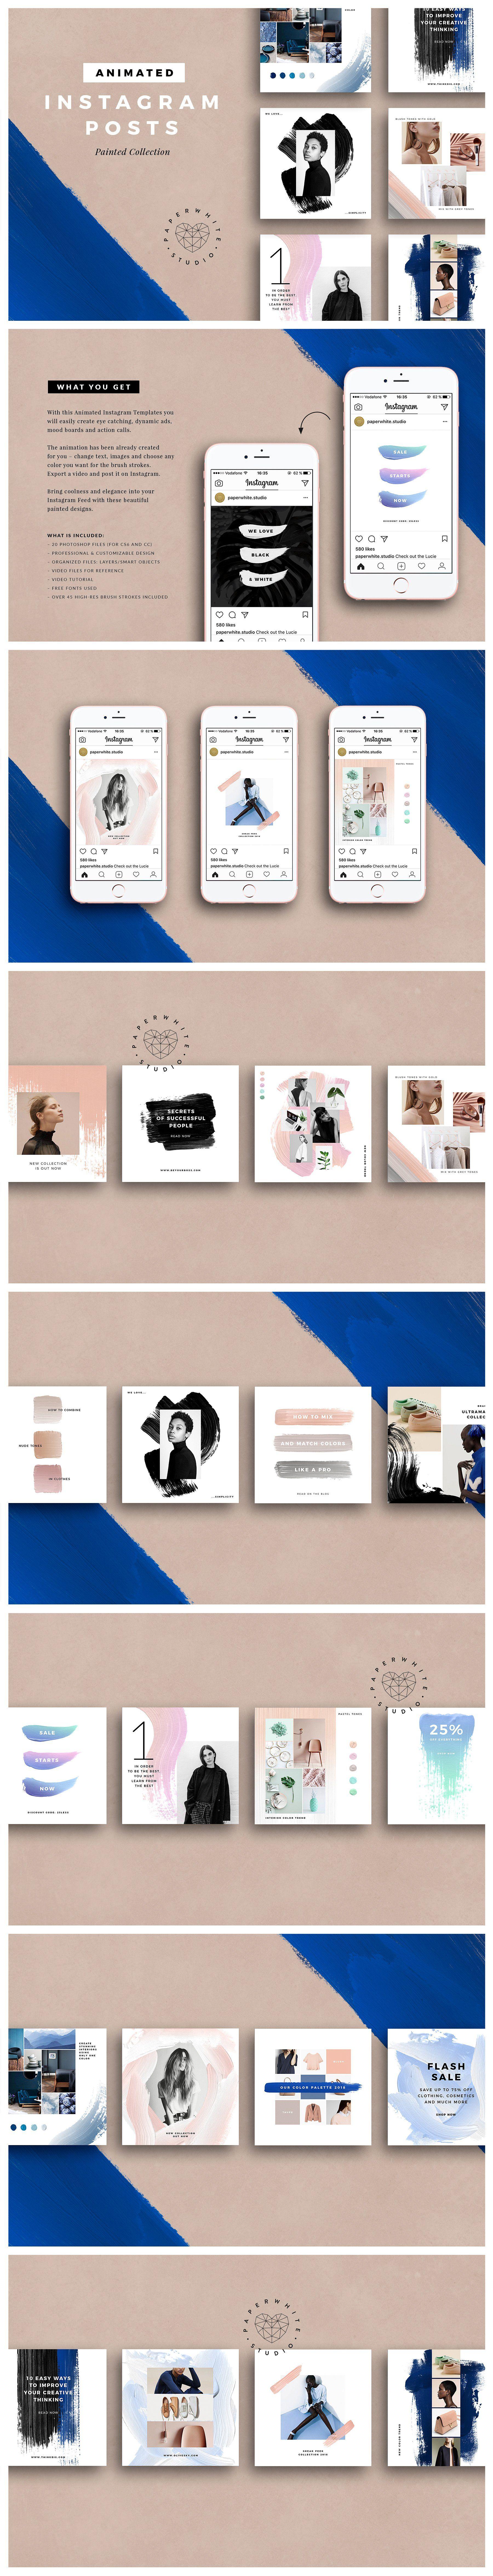 دانلود طراحی پست اینستاگرام قالب پست استوری اینستاگرام Creativemarket : ANIMATED Painted Instagram Posts